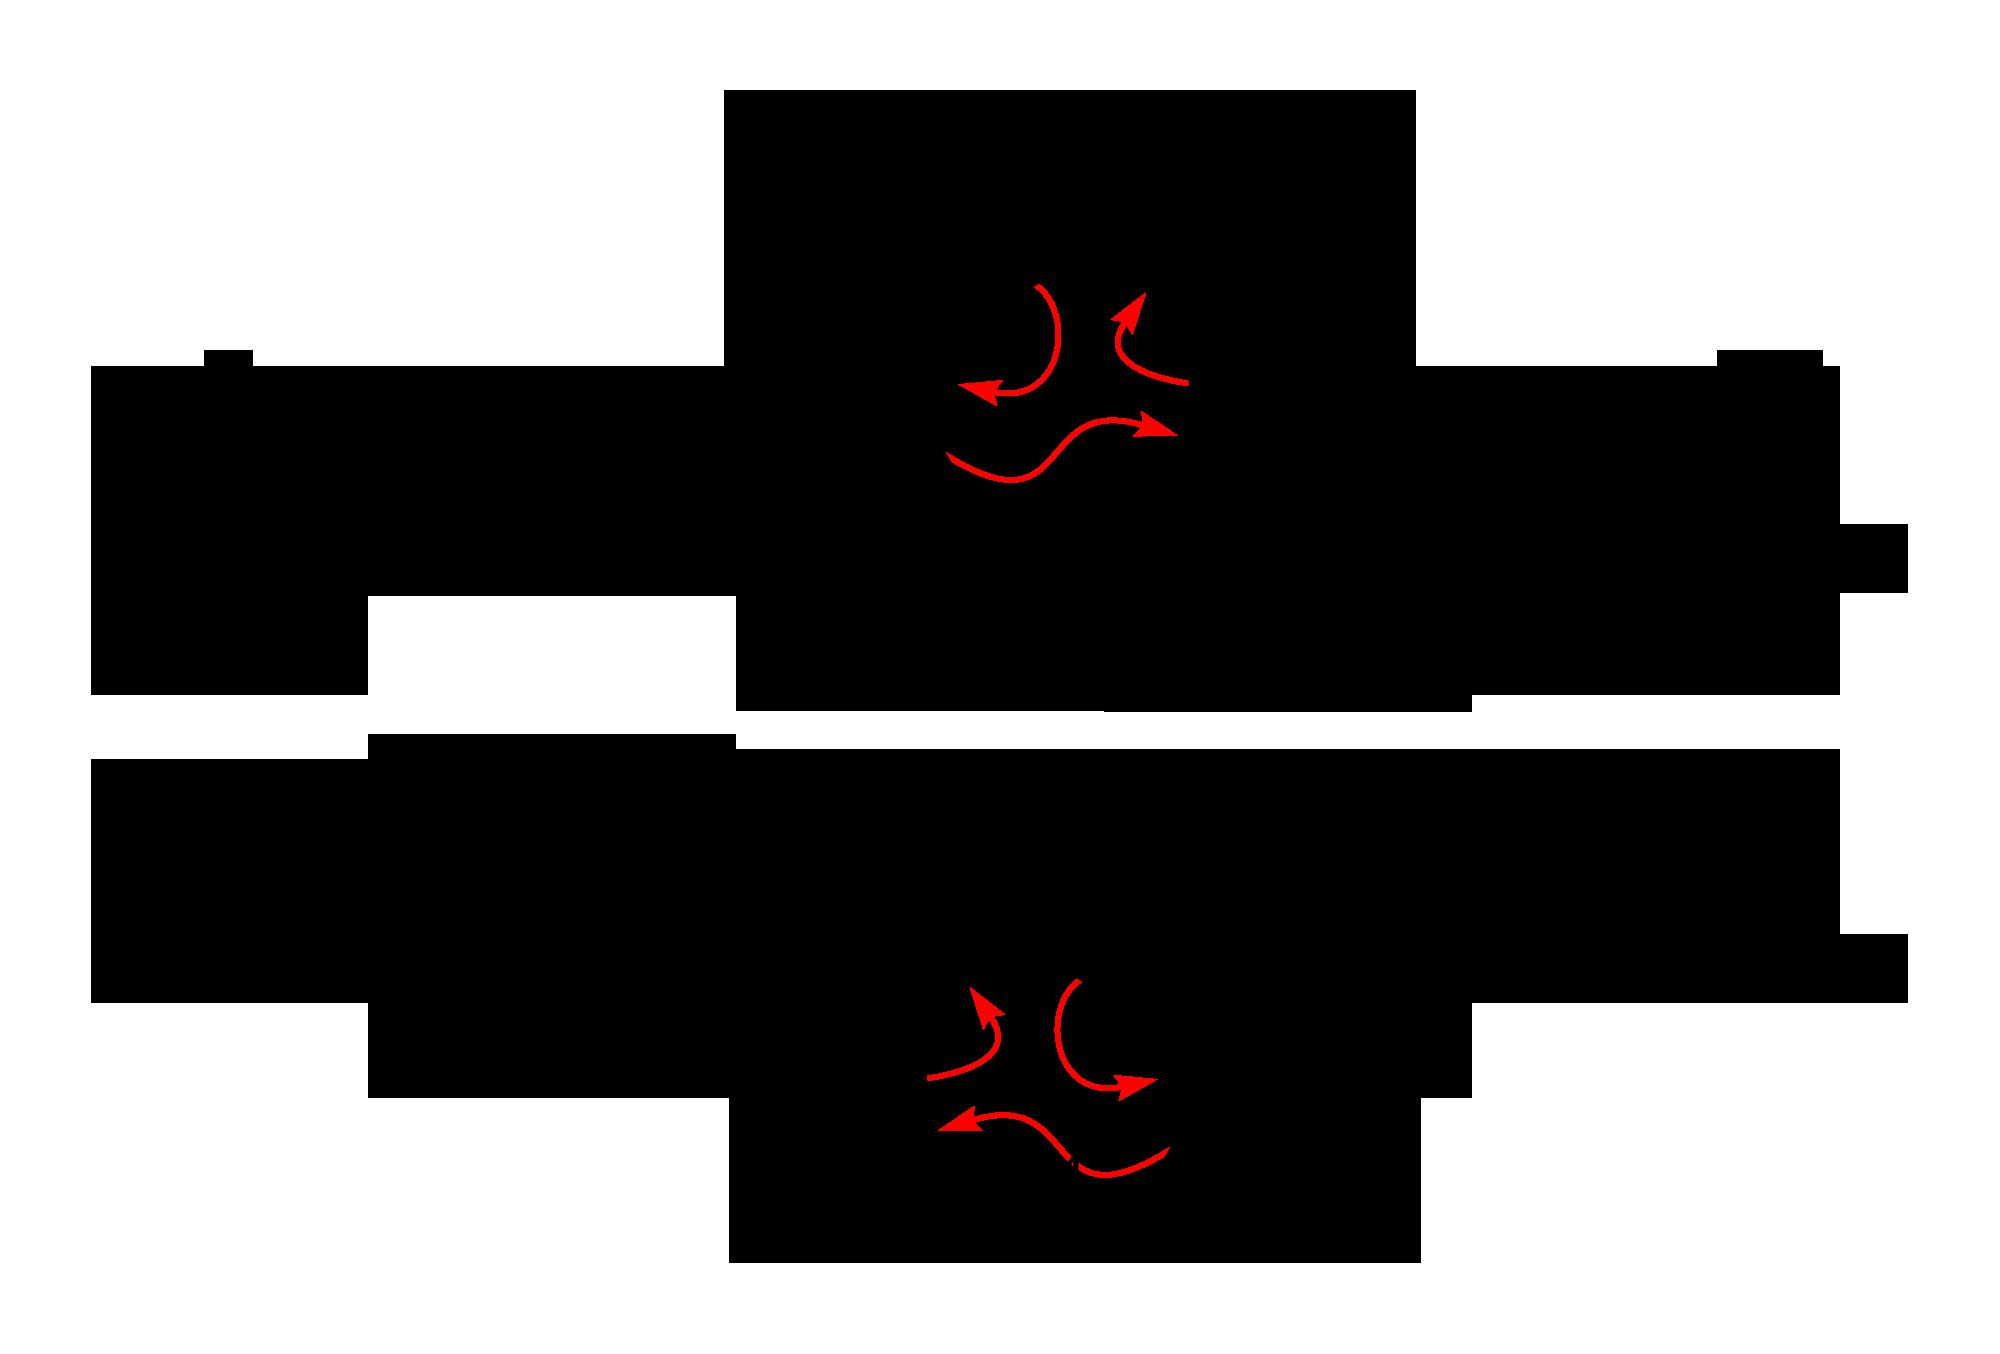 File:MPV-reduction png - Wikipedia